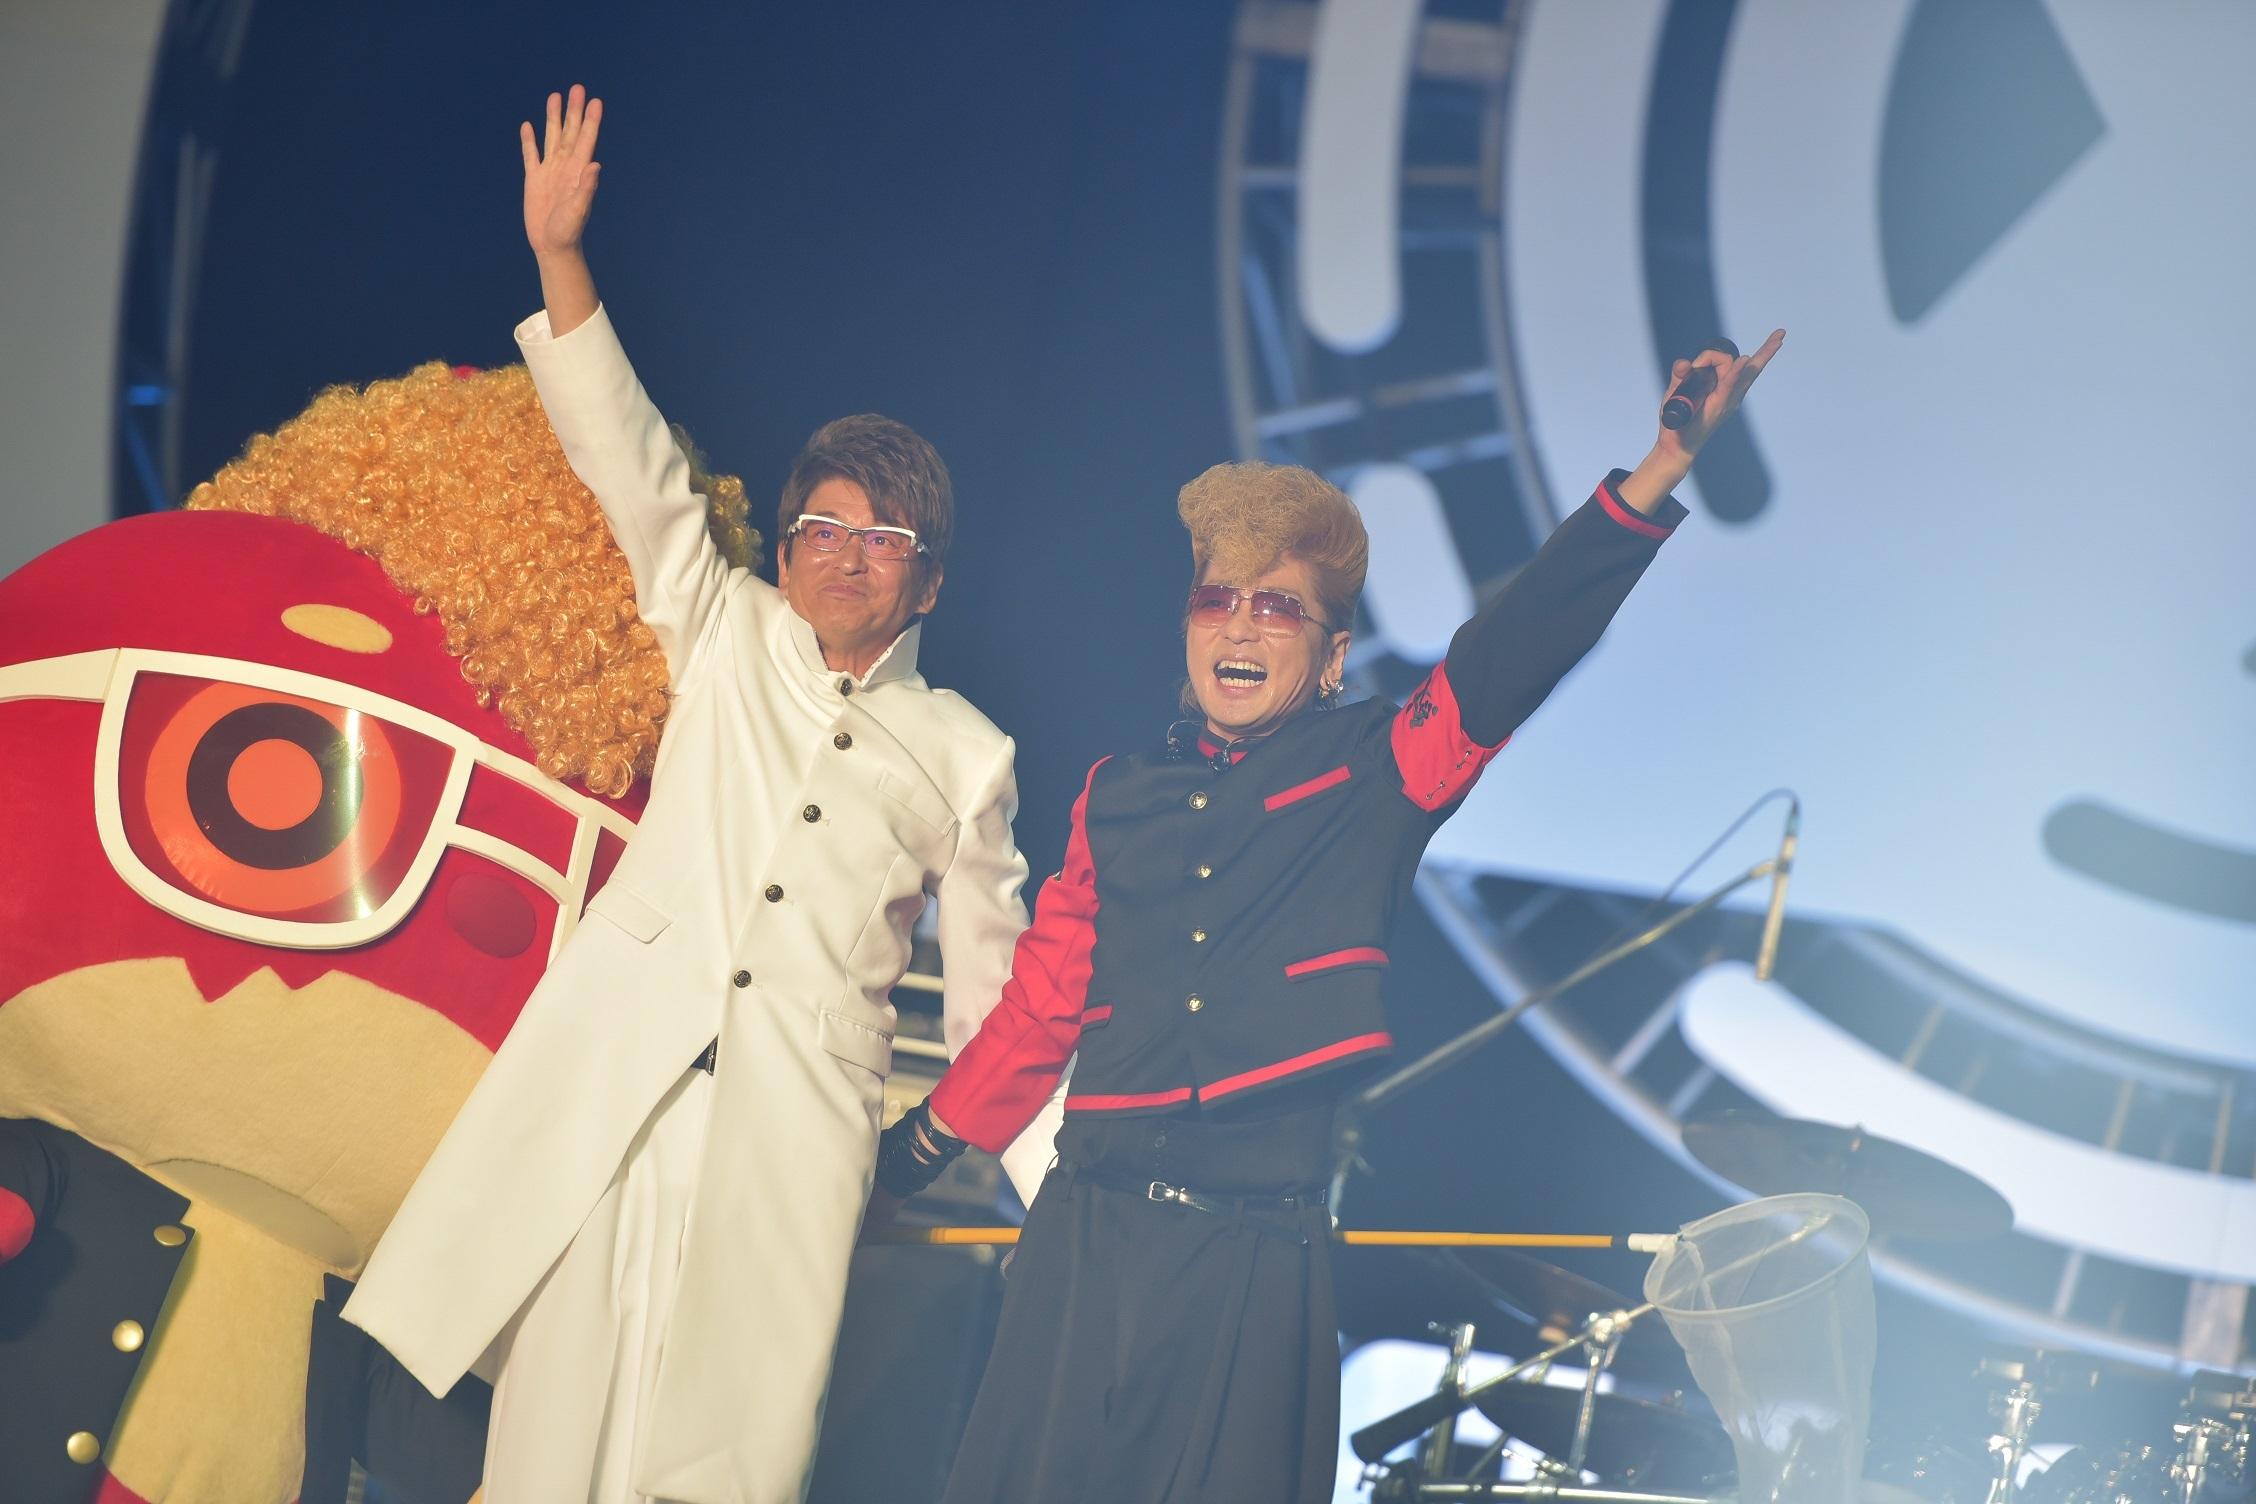 氣志團のスペシャルステージでは、哀川翔がサプライズゲストとして登場